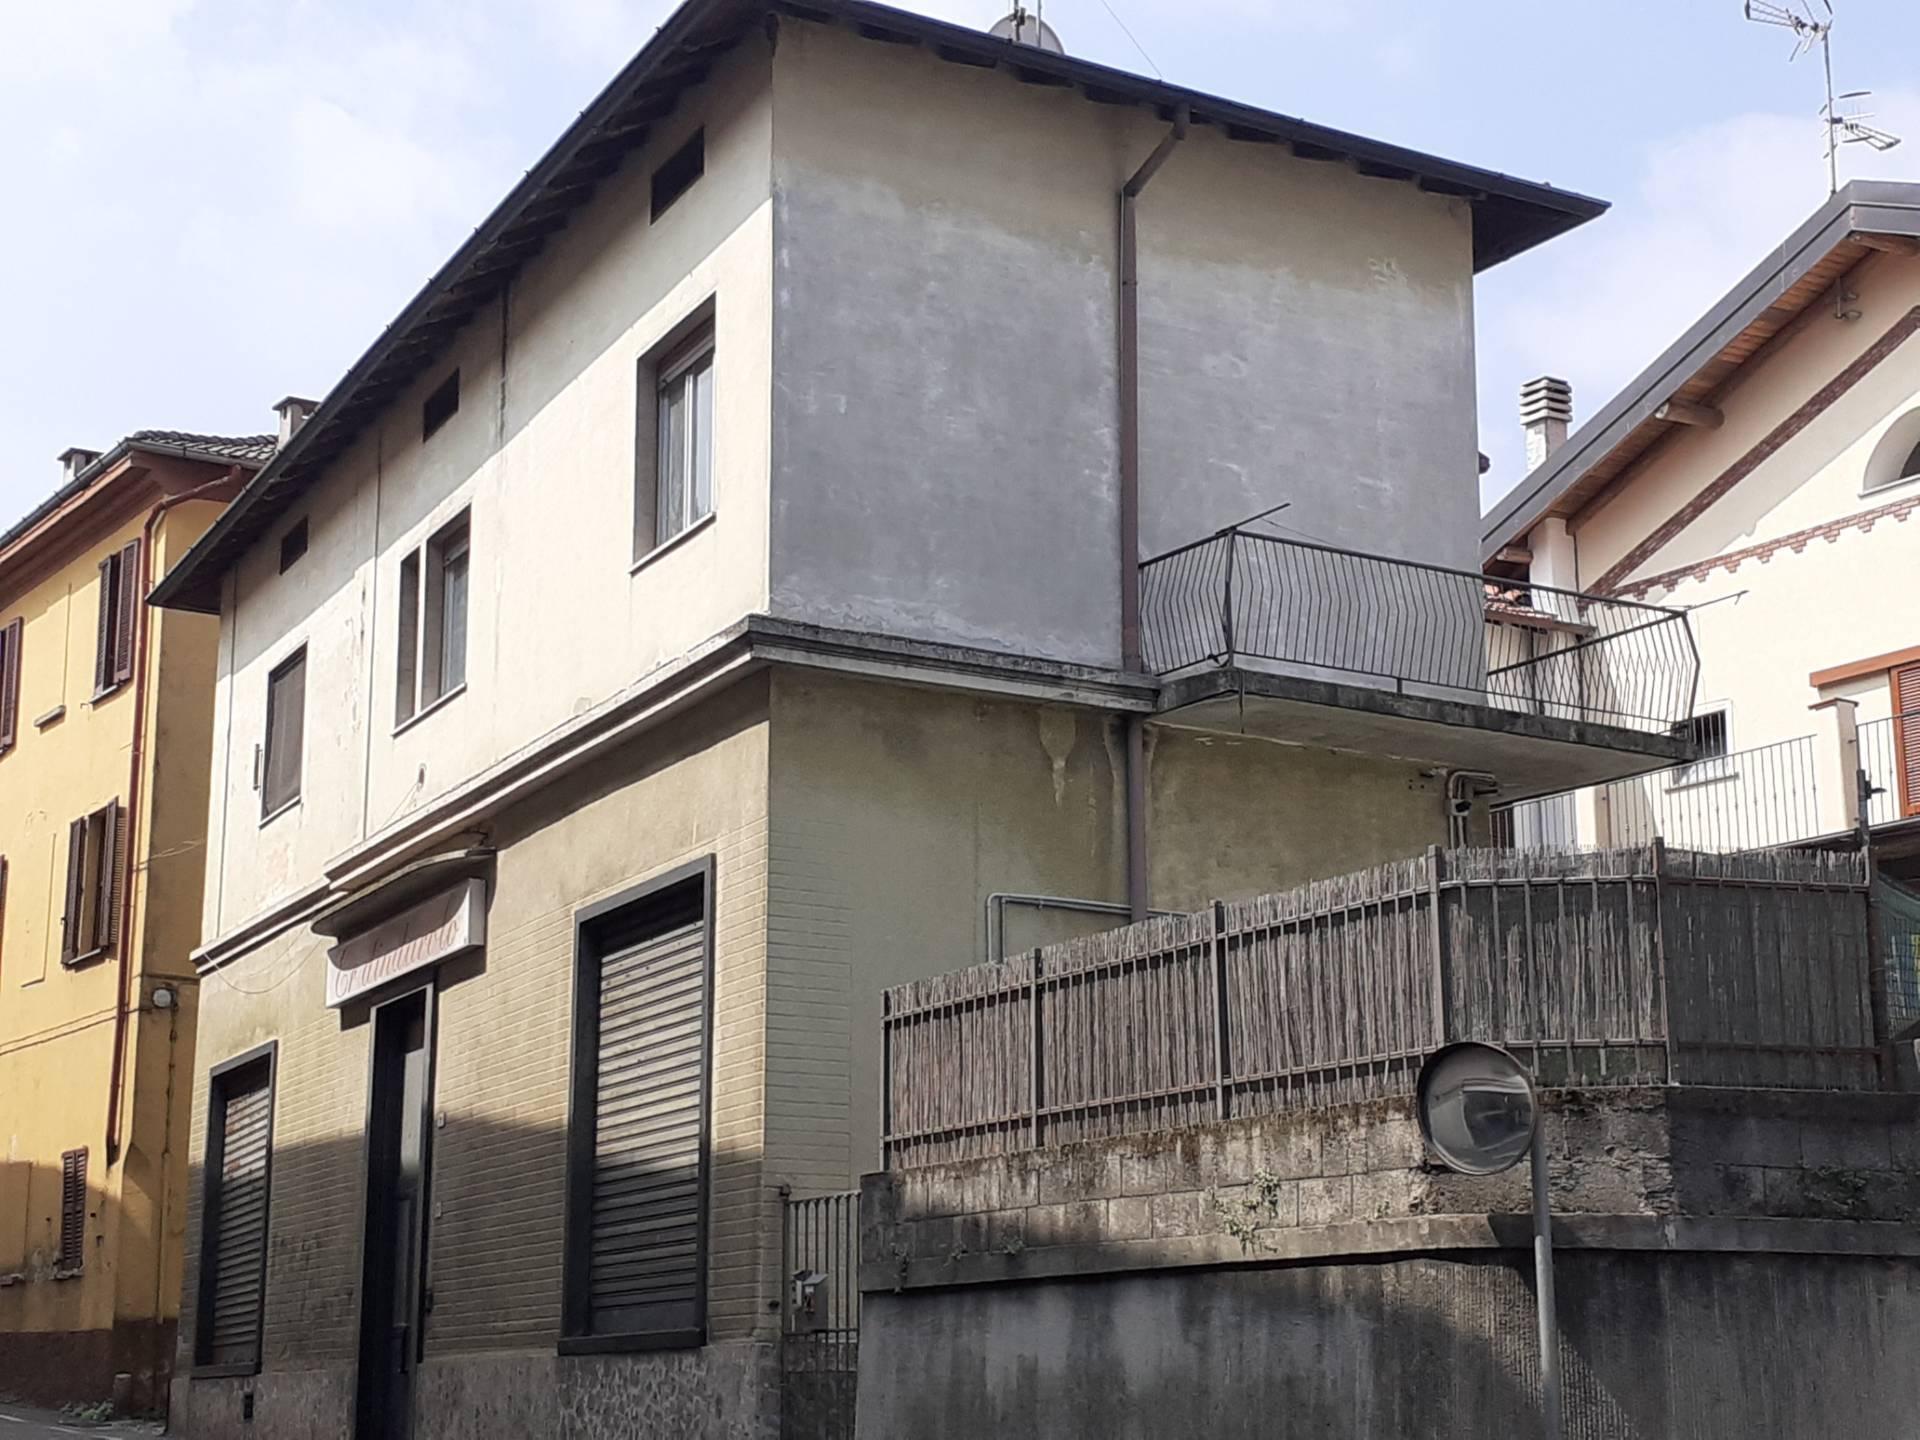 Negozio / Locale in vendita a Olgiate Comasco, 9999 locali, prezzo € 50.000 | PortaleAgenzieImmobiliari.it